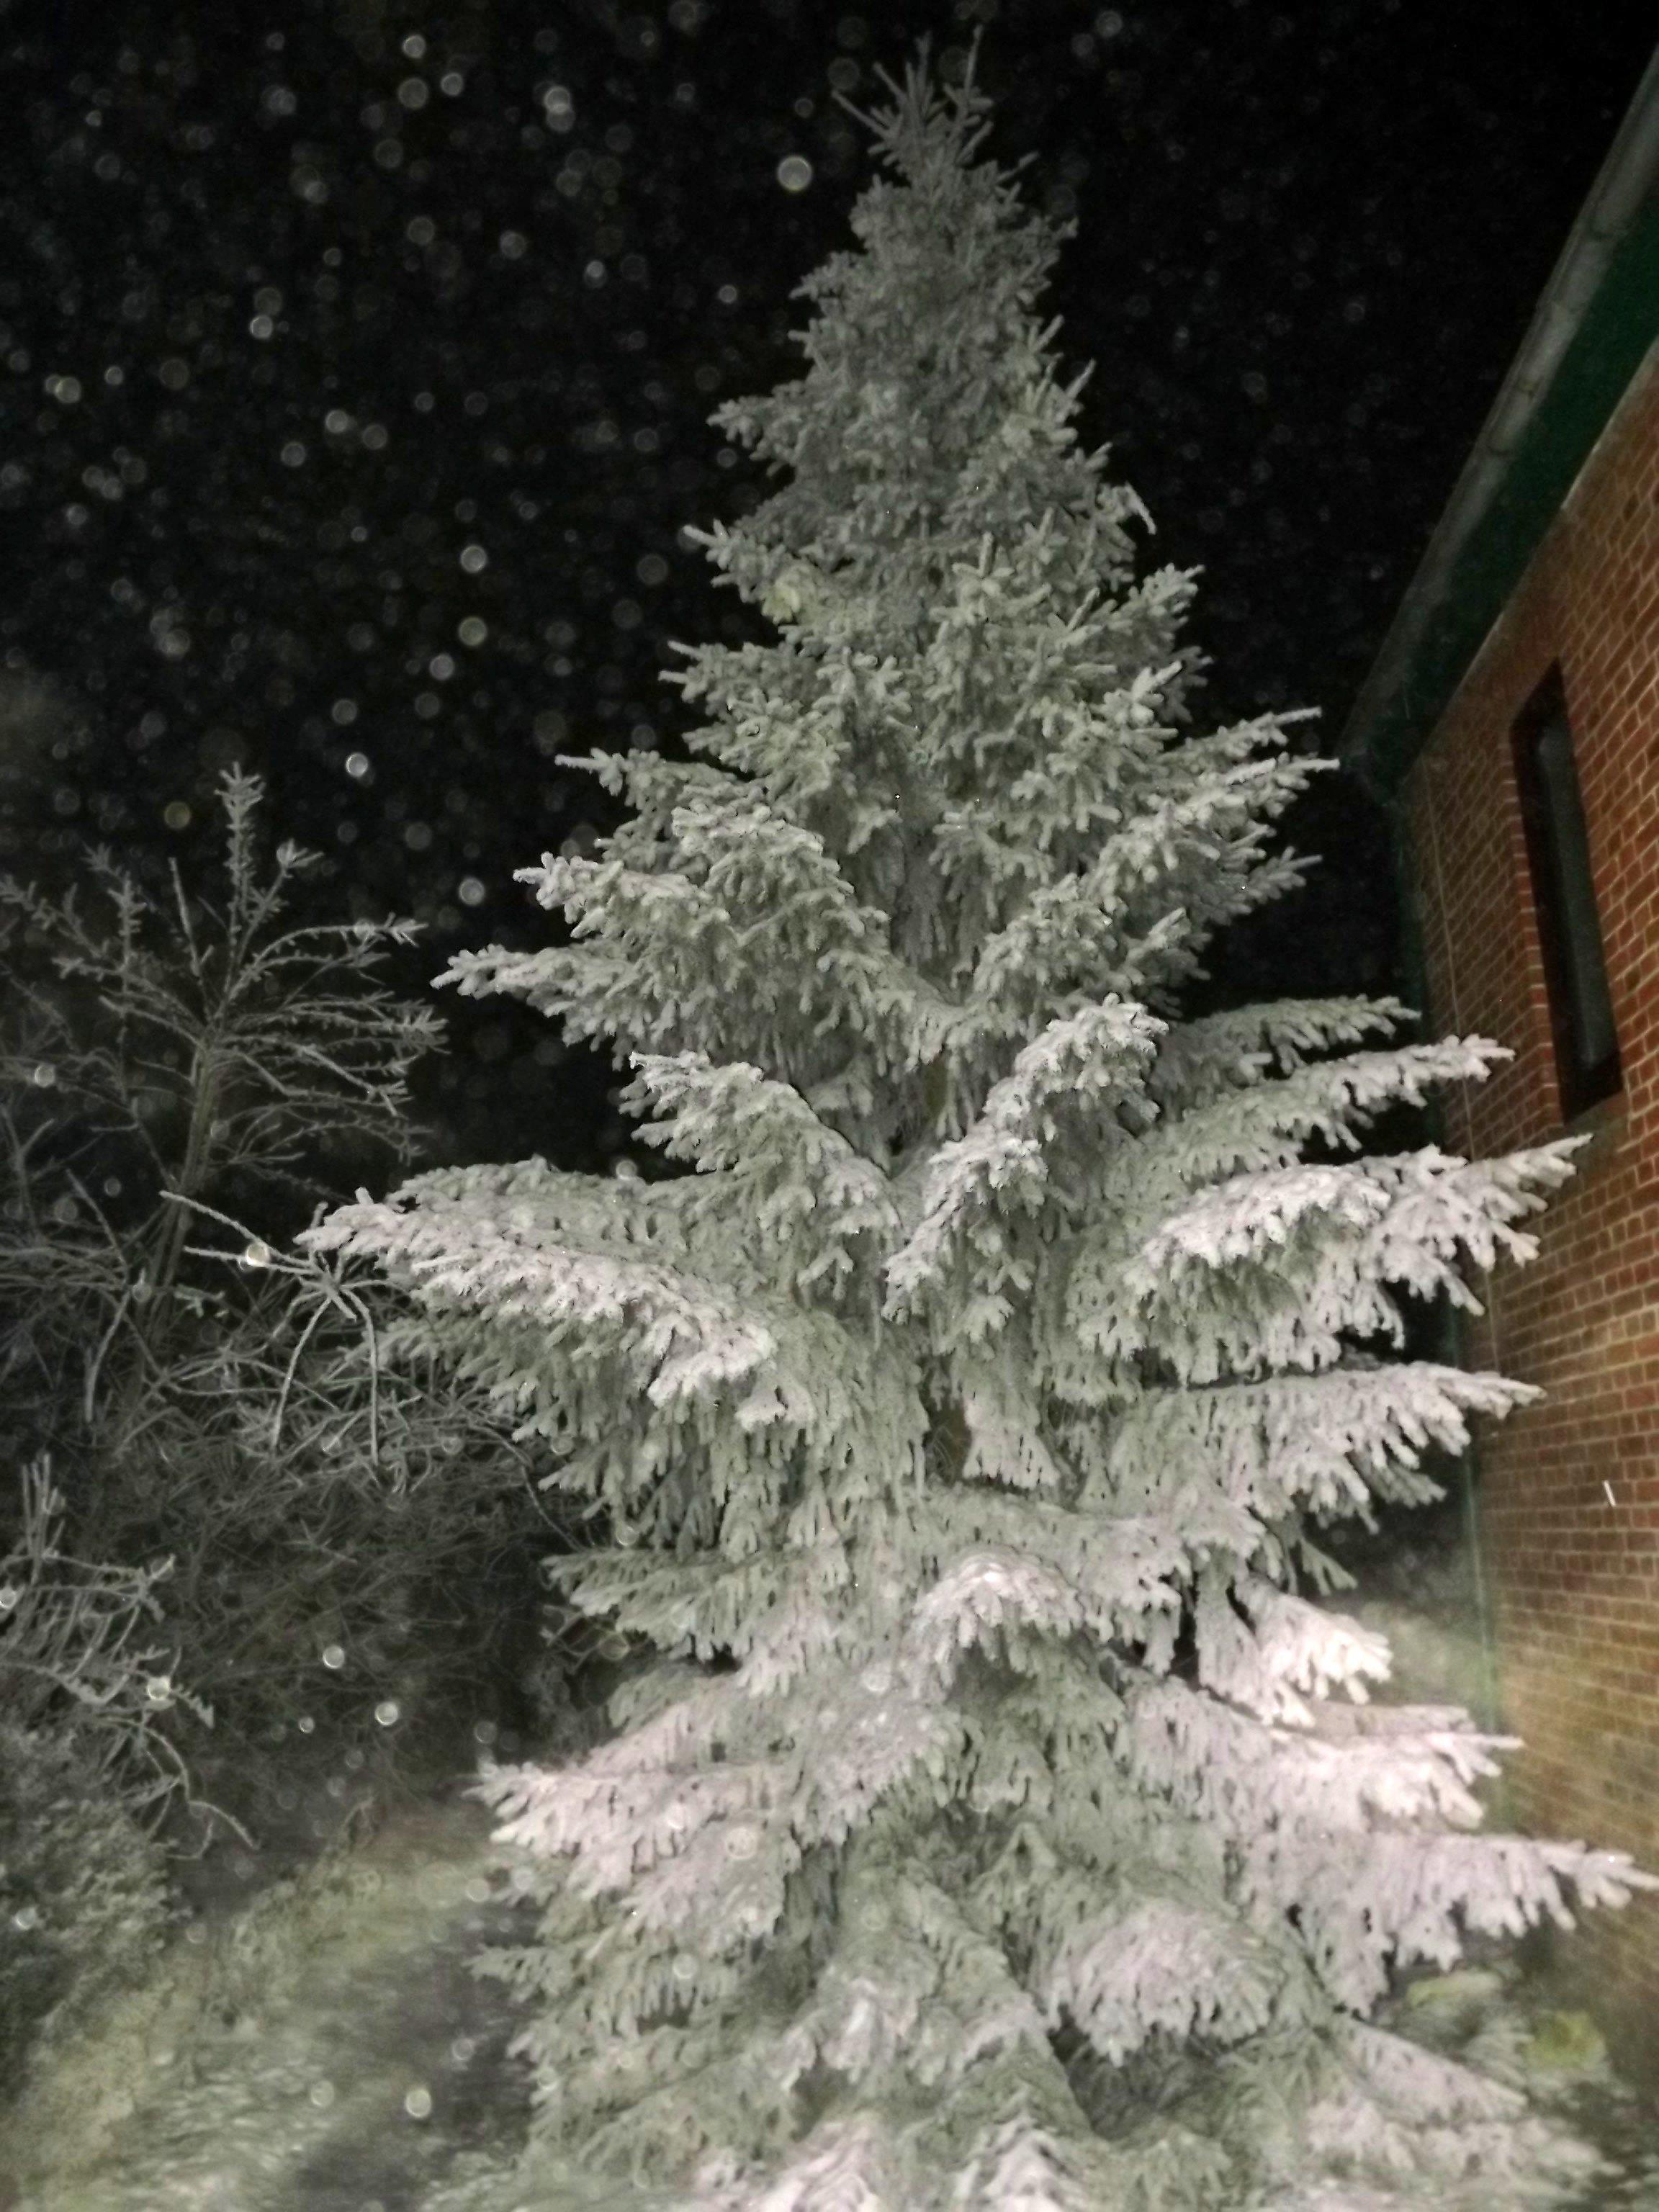 5837-tanne-schnee-verschneit-nachts-beleuchtet